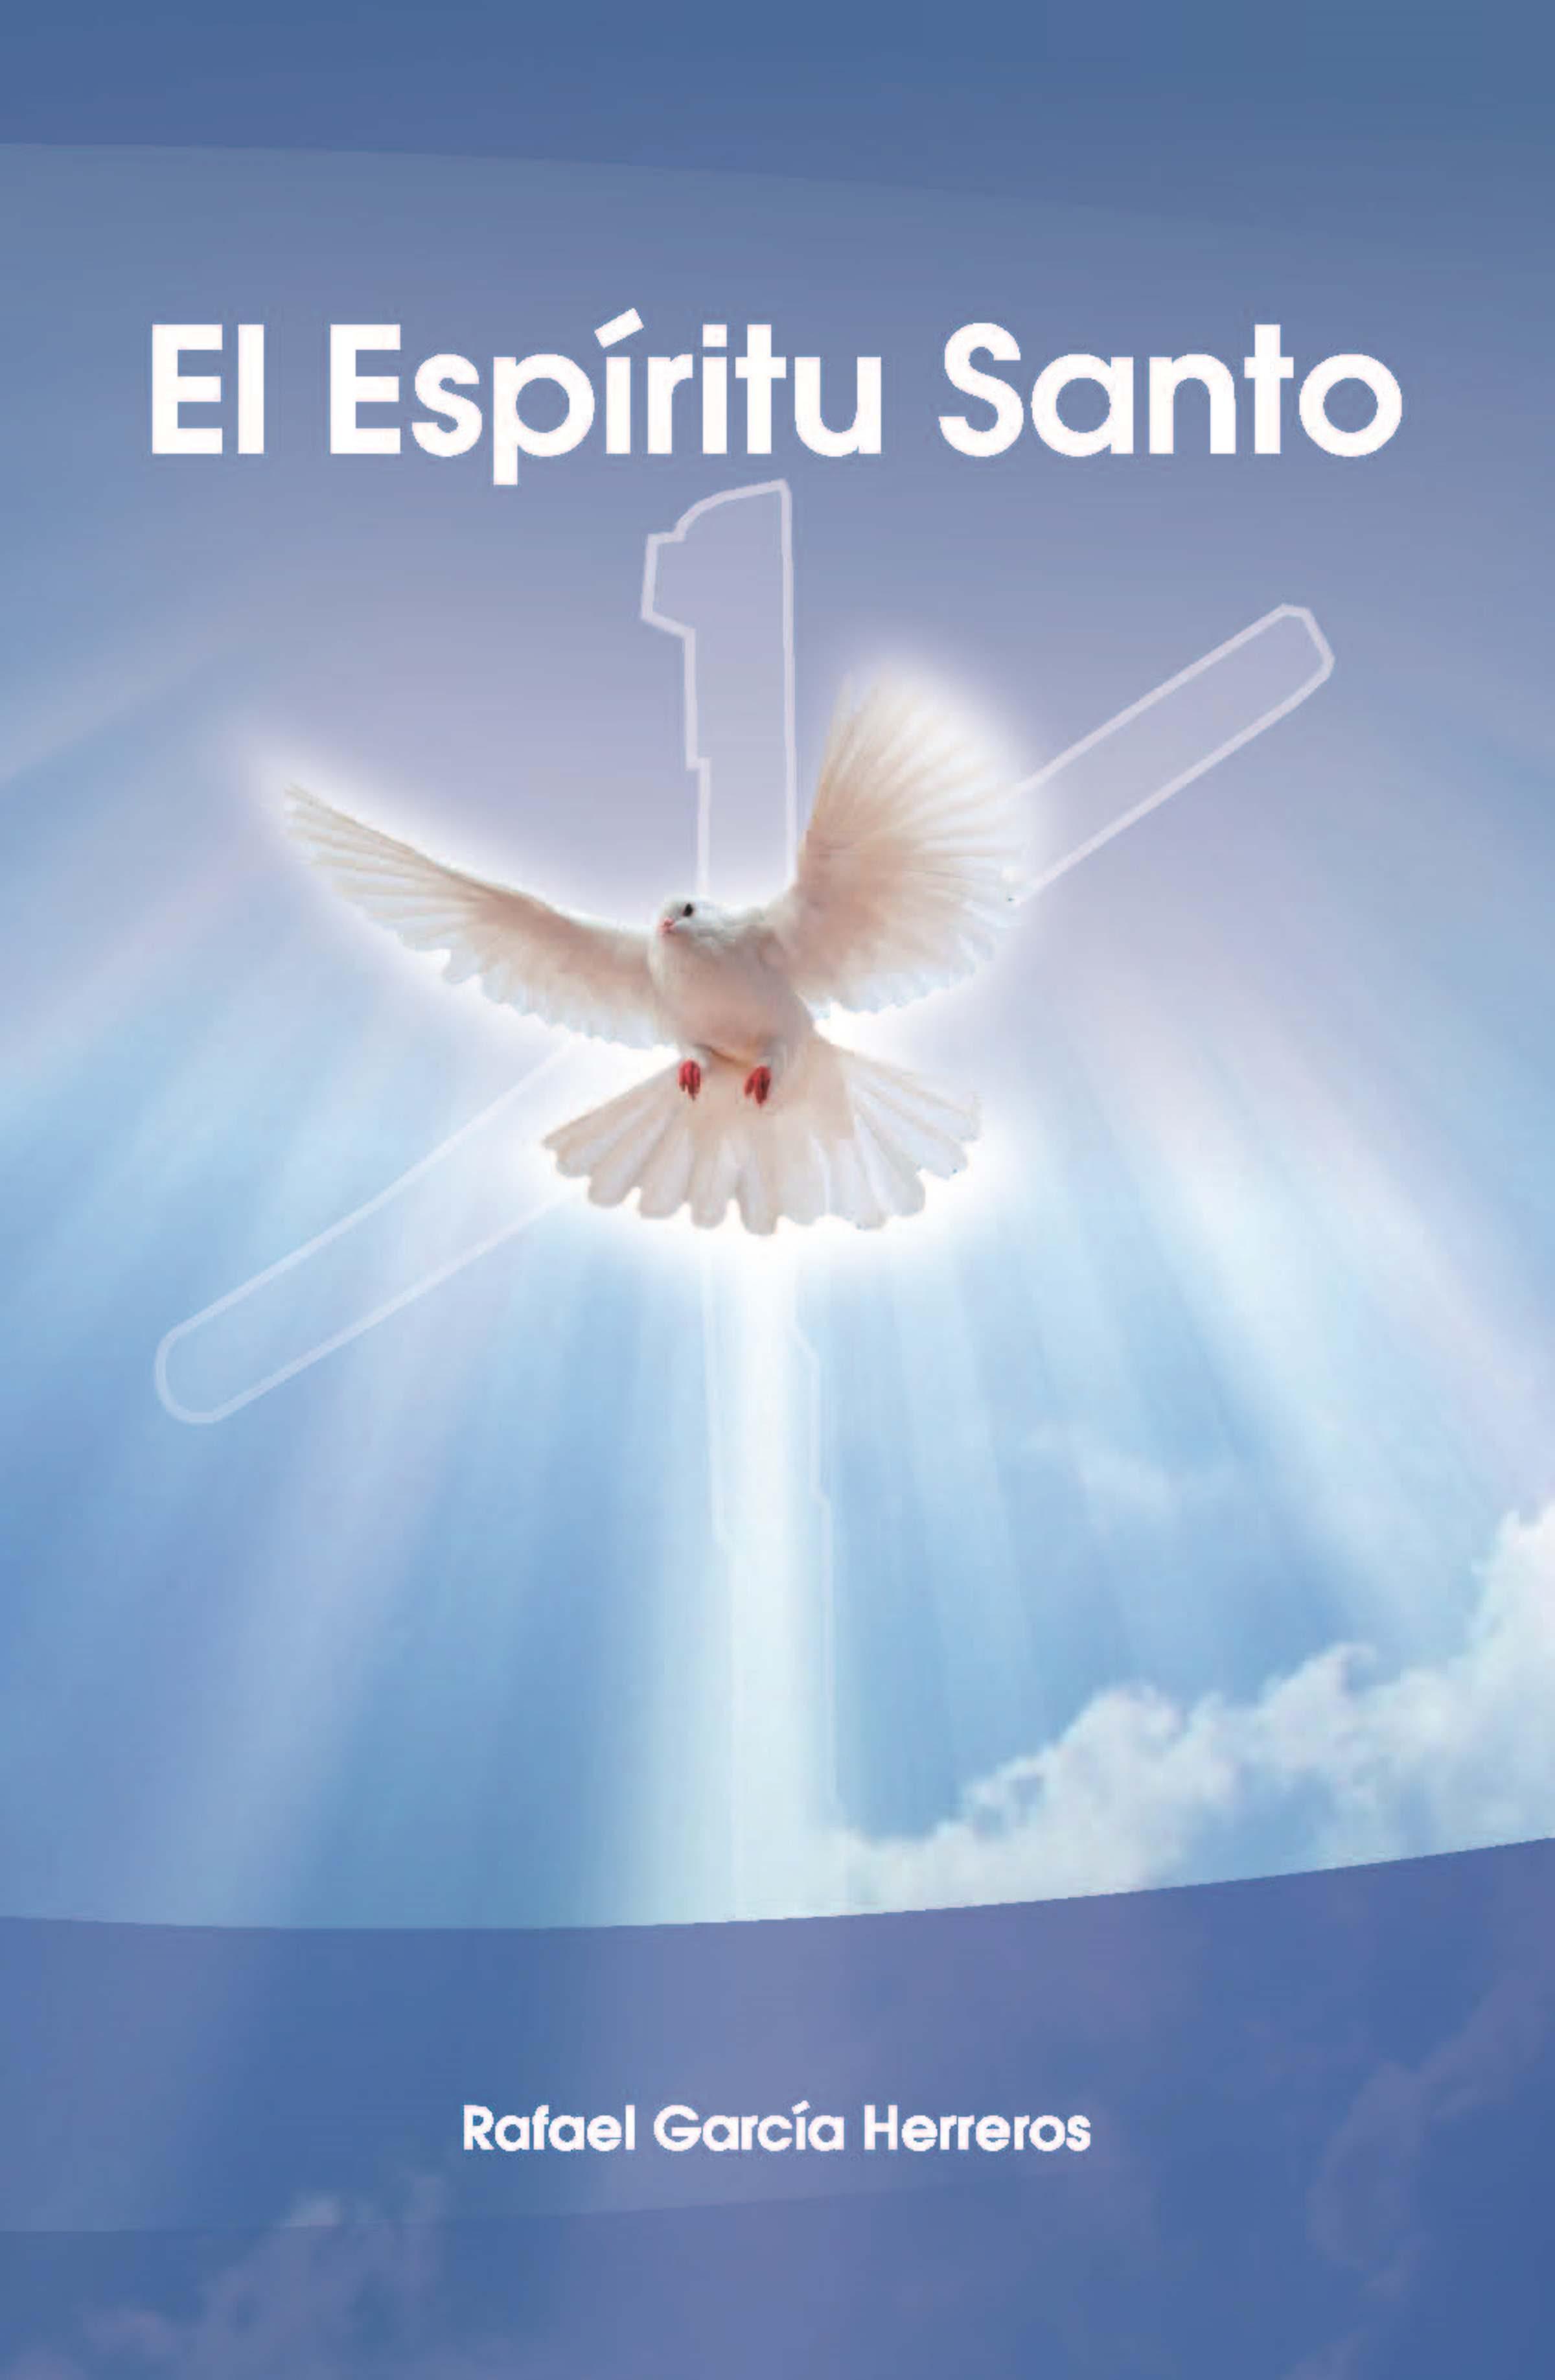 EL ESPÍRITU SANTO EBOOK   RAFAEL GARCIA HERREROS